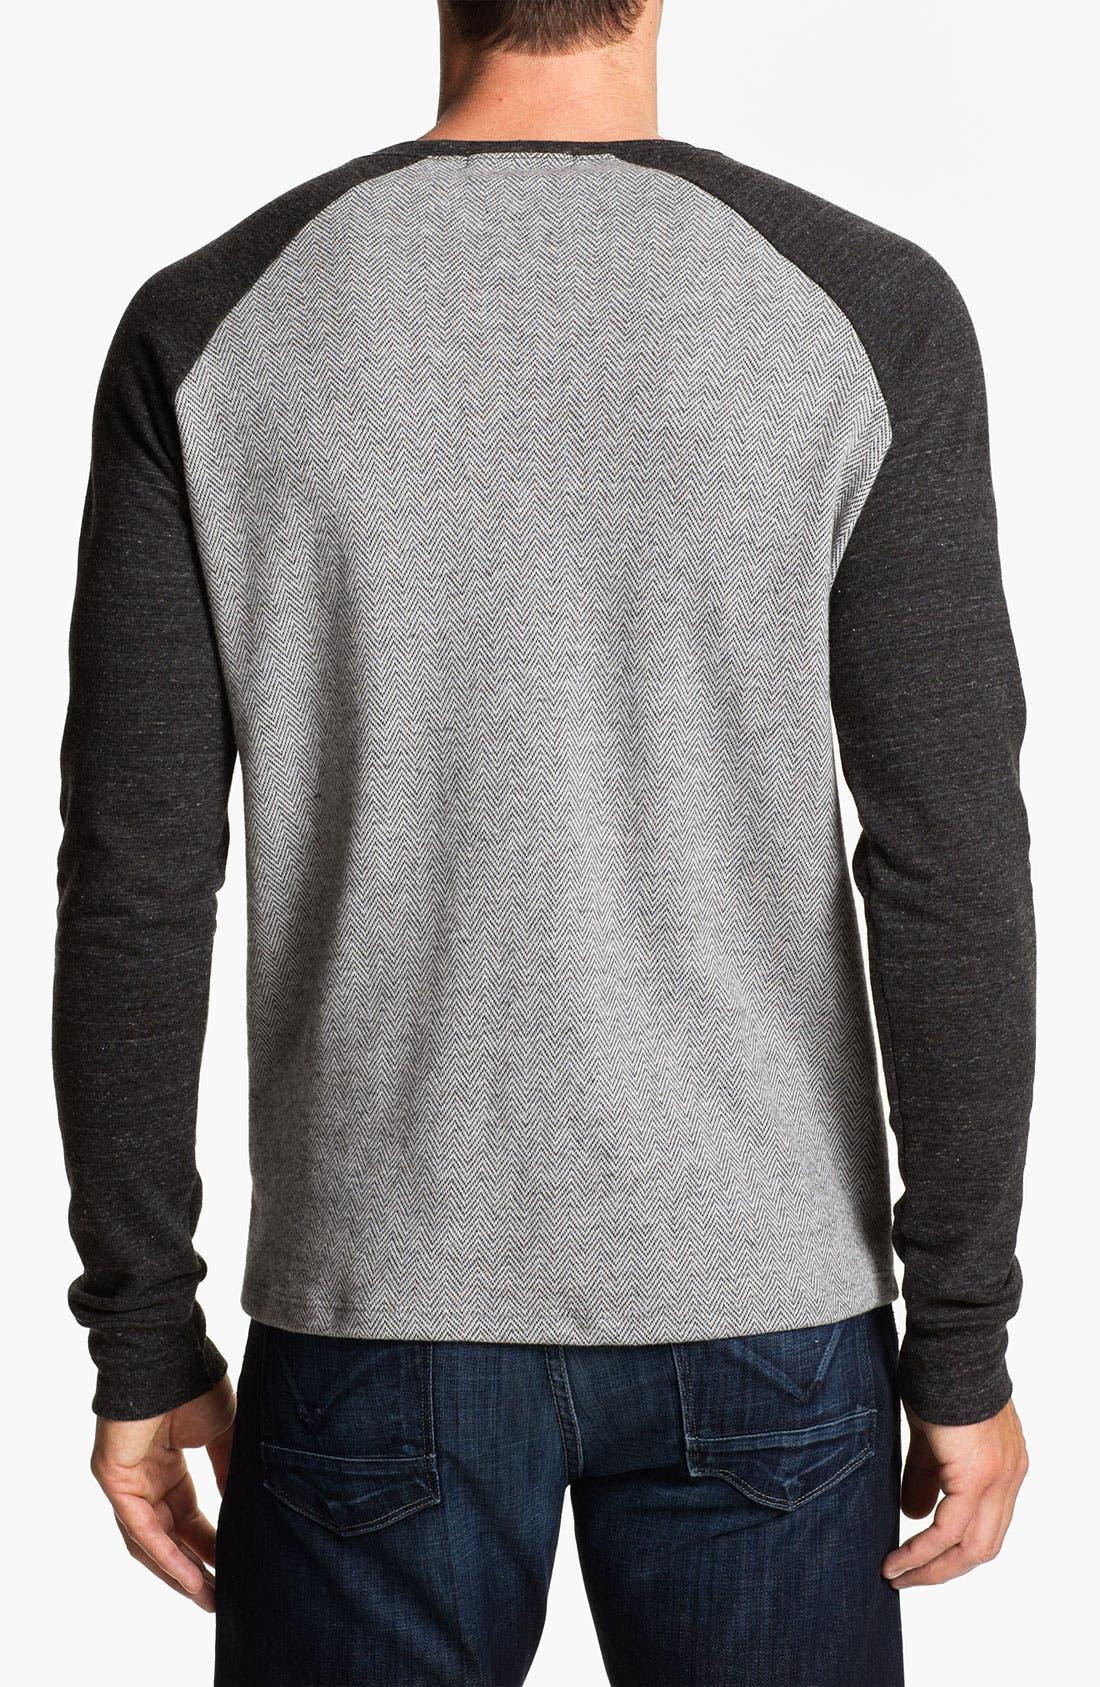 Alternate Image 2  - Threads for Thought Herringbone Sweatshirt